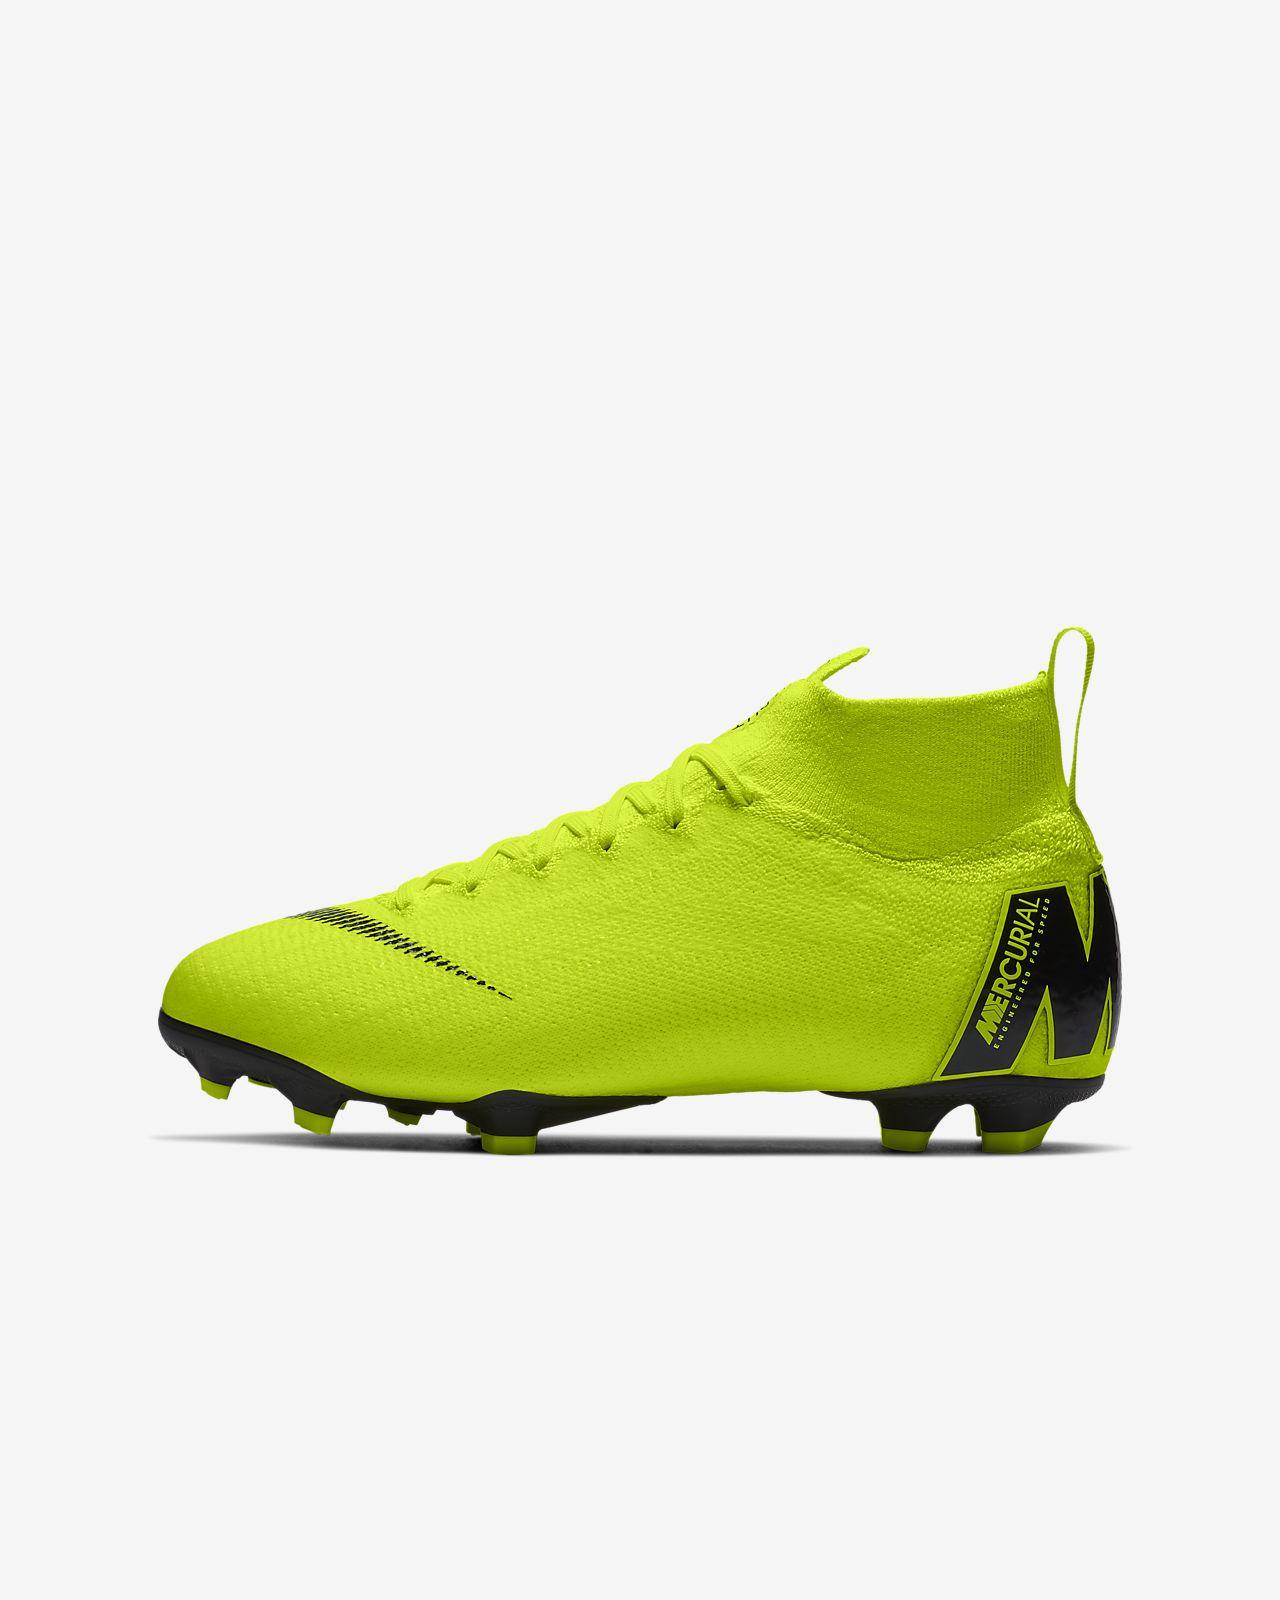 5fe9d5562d8 ... Nike Jr. Superfly 6 Elite FG Botas de fútbol para terreno firme - Niño